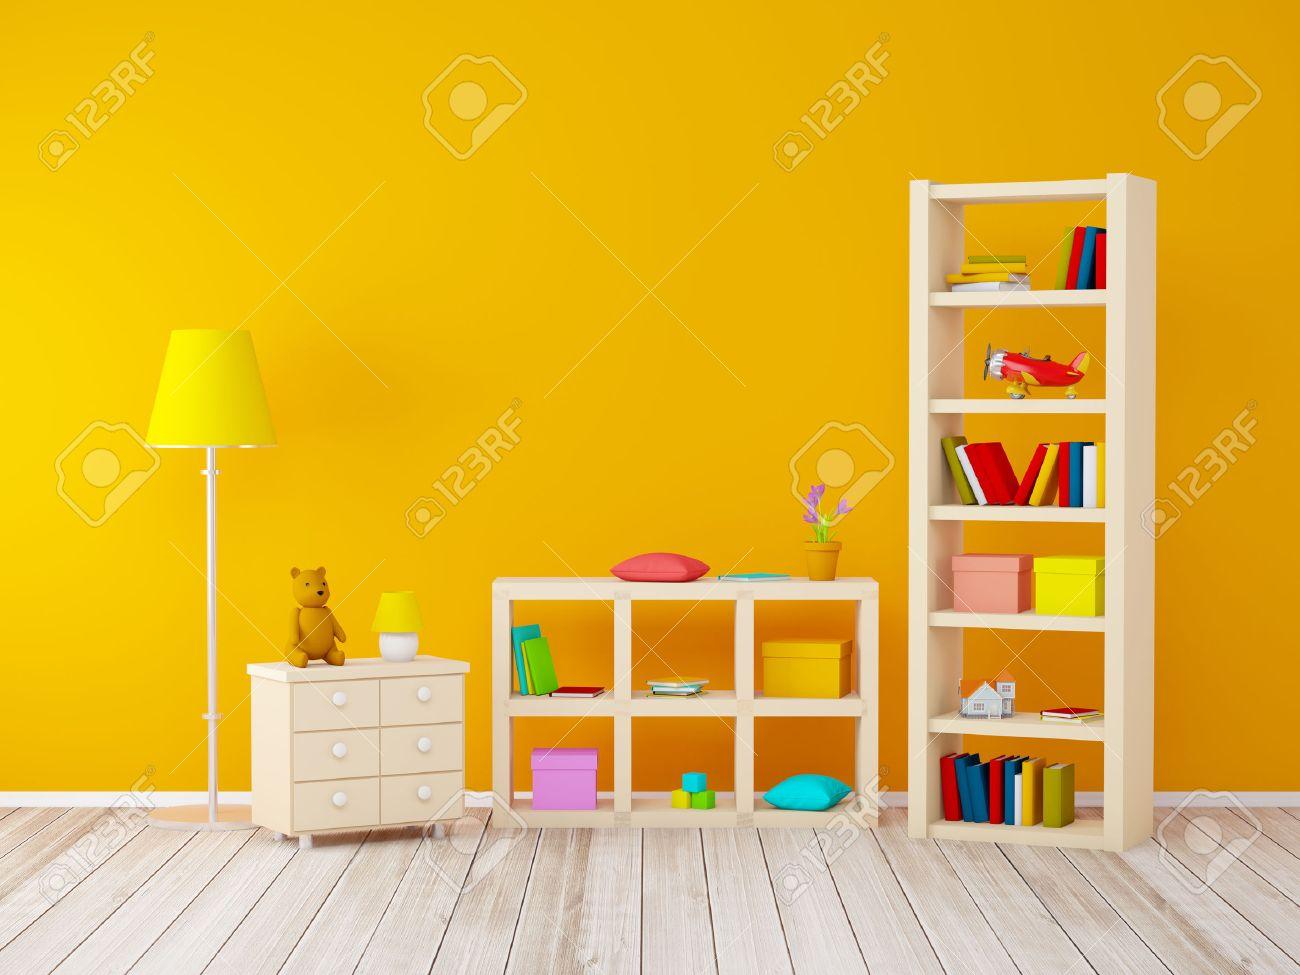 Full Size of Mit Bcherregalen Spielzeug An Orange Wand Sofa Regal Weiß Regale Kinderzimmer Bücherregal Kinderzimmer